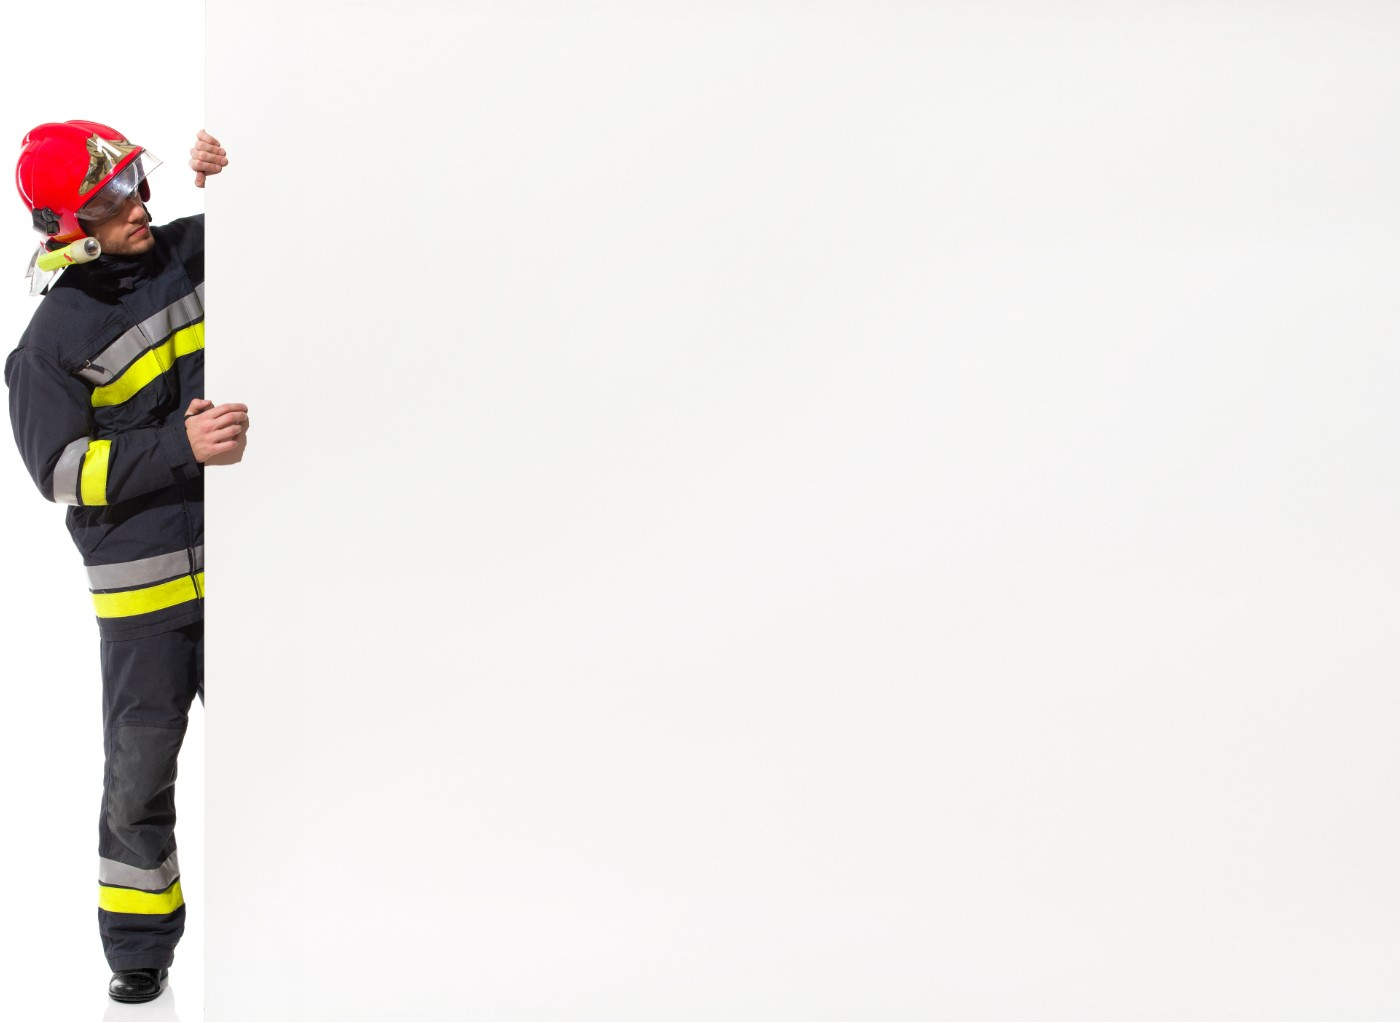 fireman-holding-banner